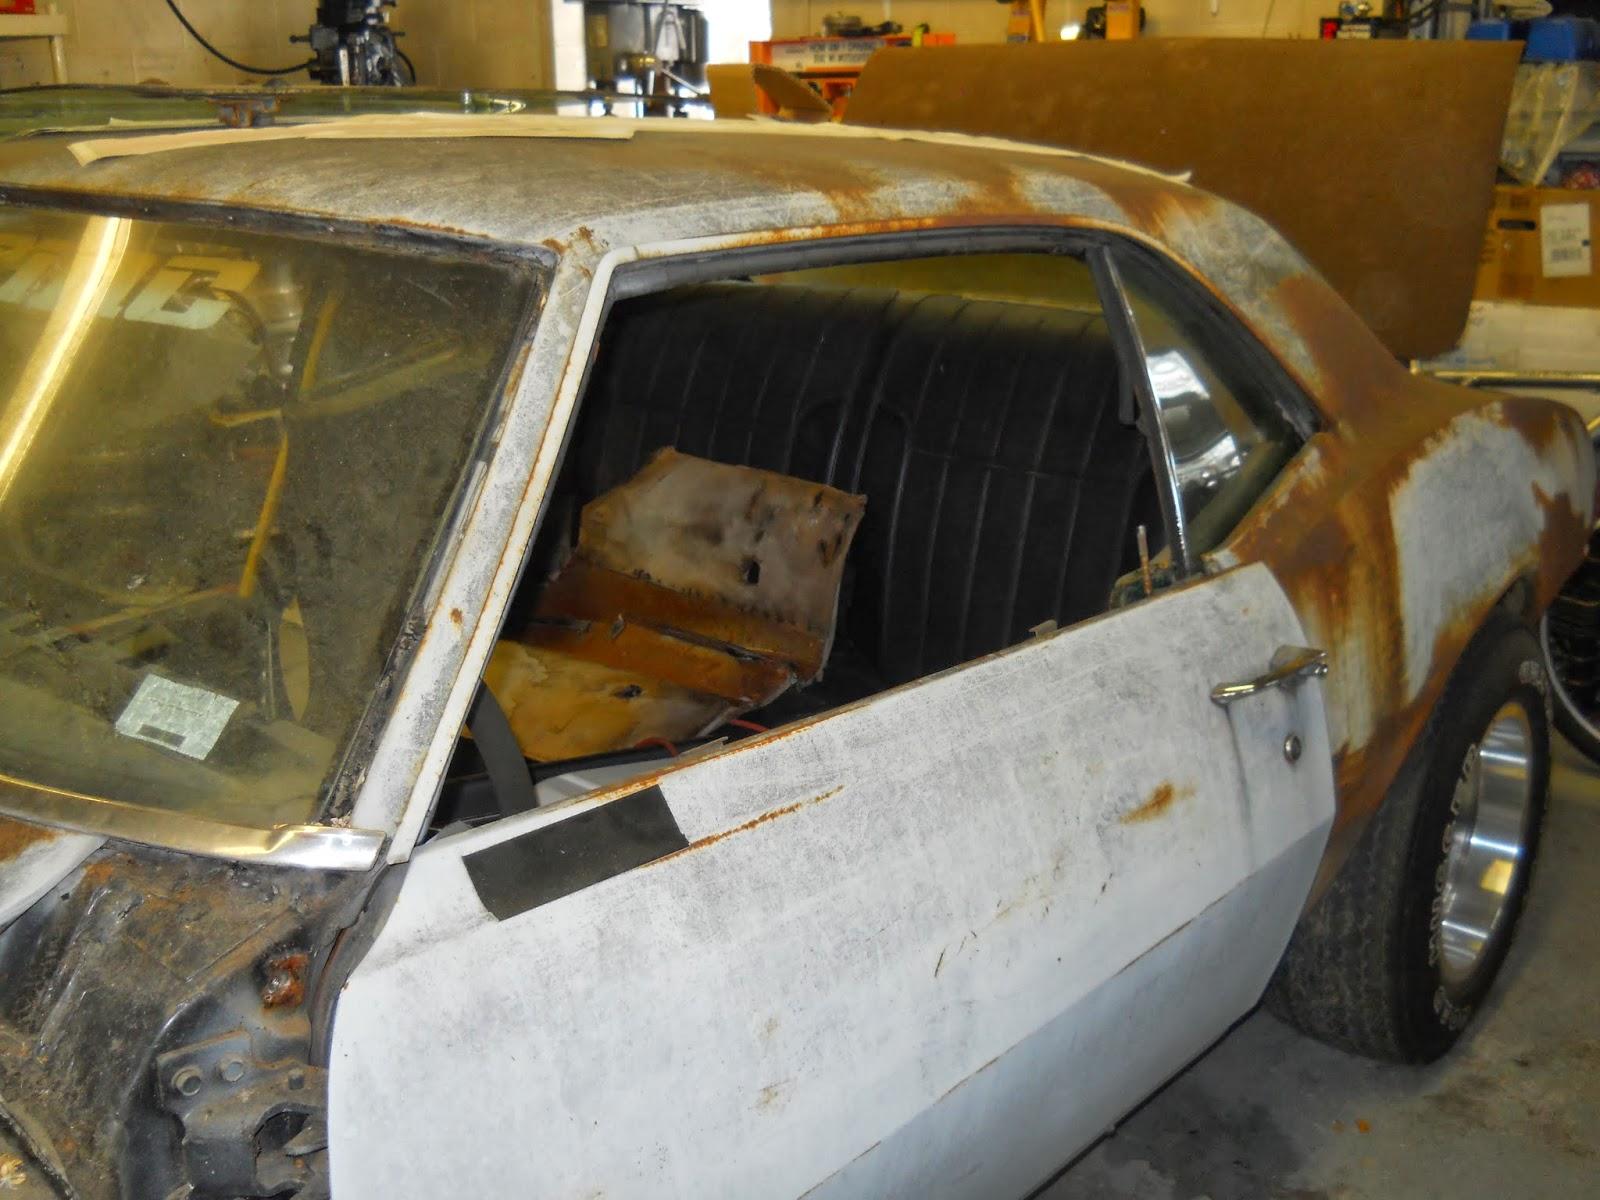 Motor City Muscle: 1968 Pontiac Firebird Update: 12/11/2013